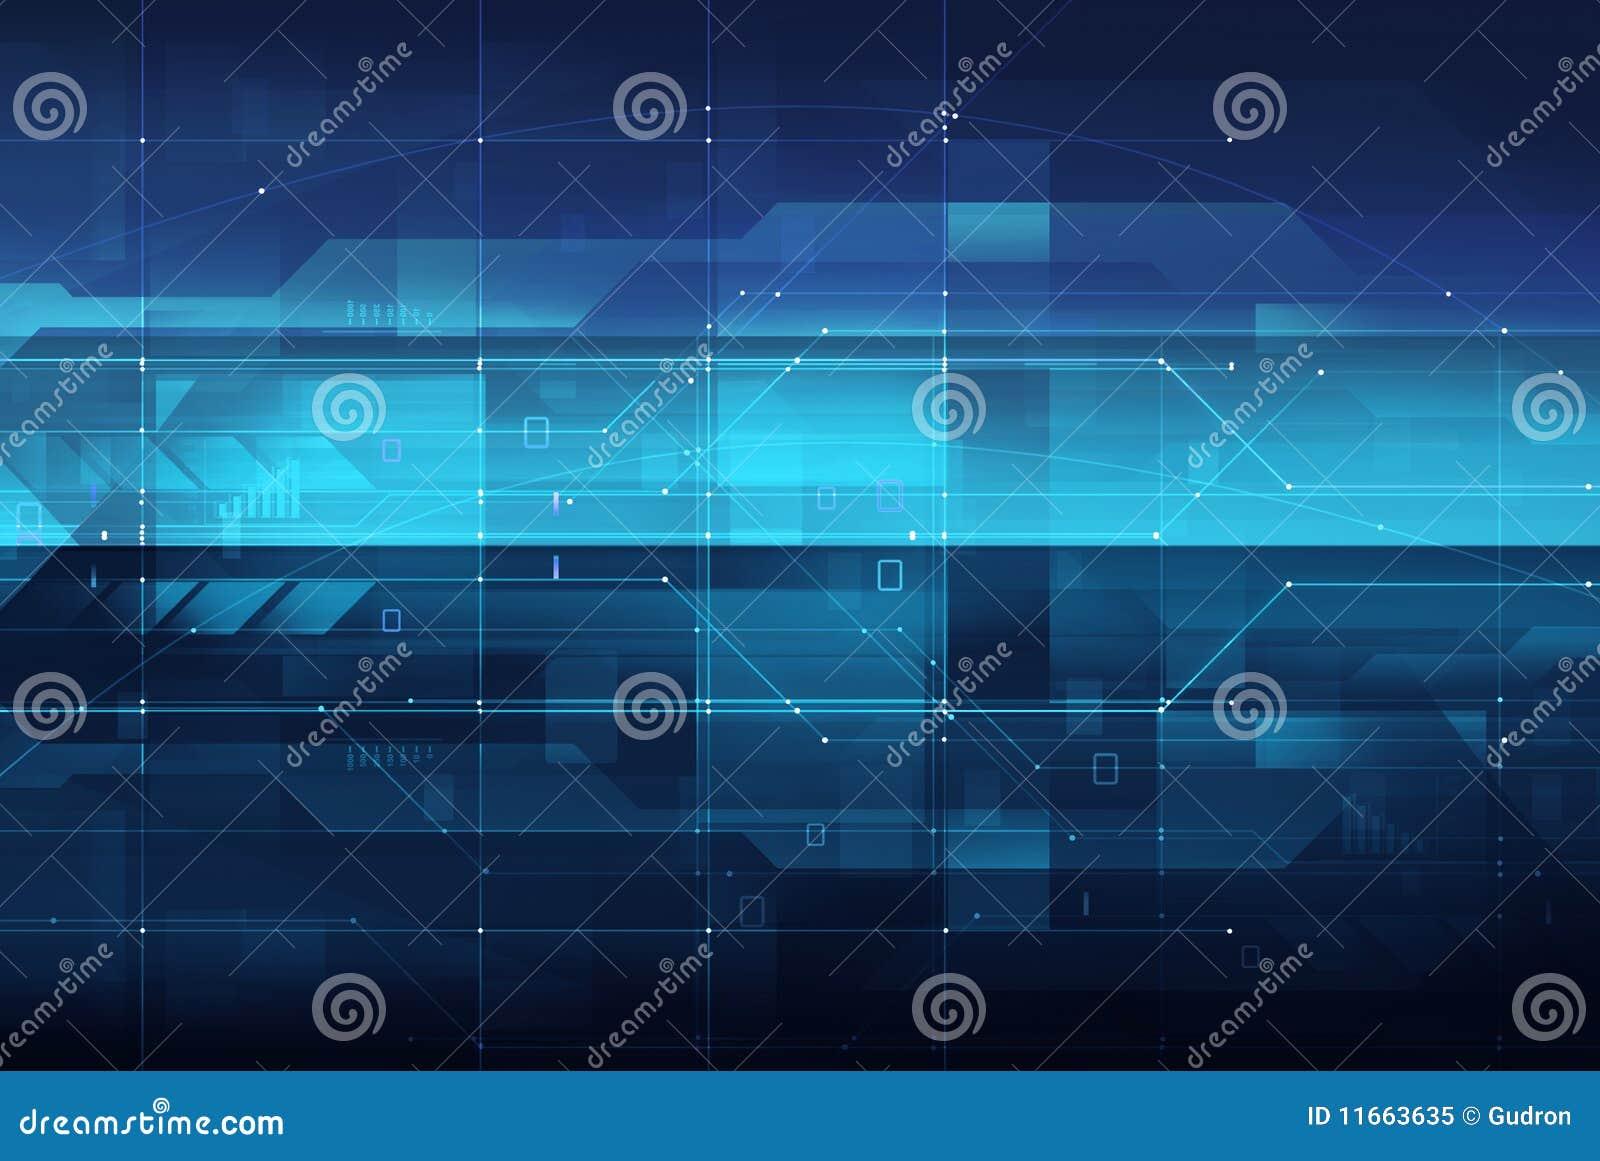 обходит вокруг технологию принципиальной схемы цифровую